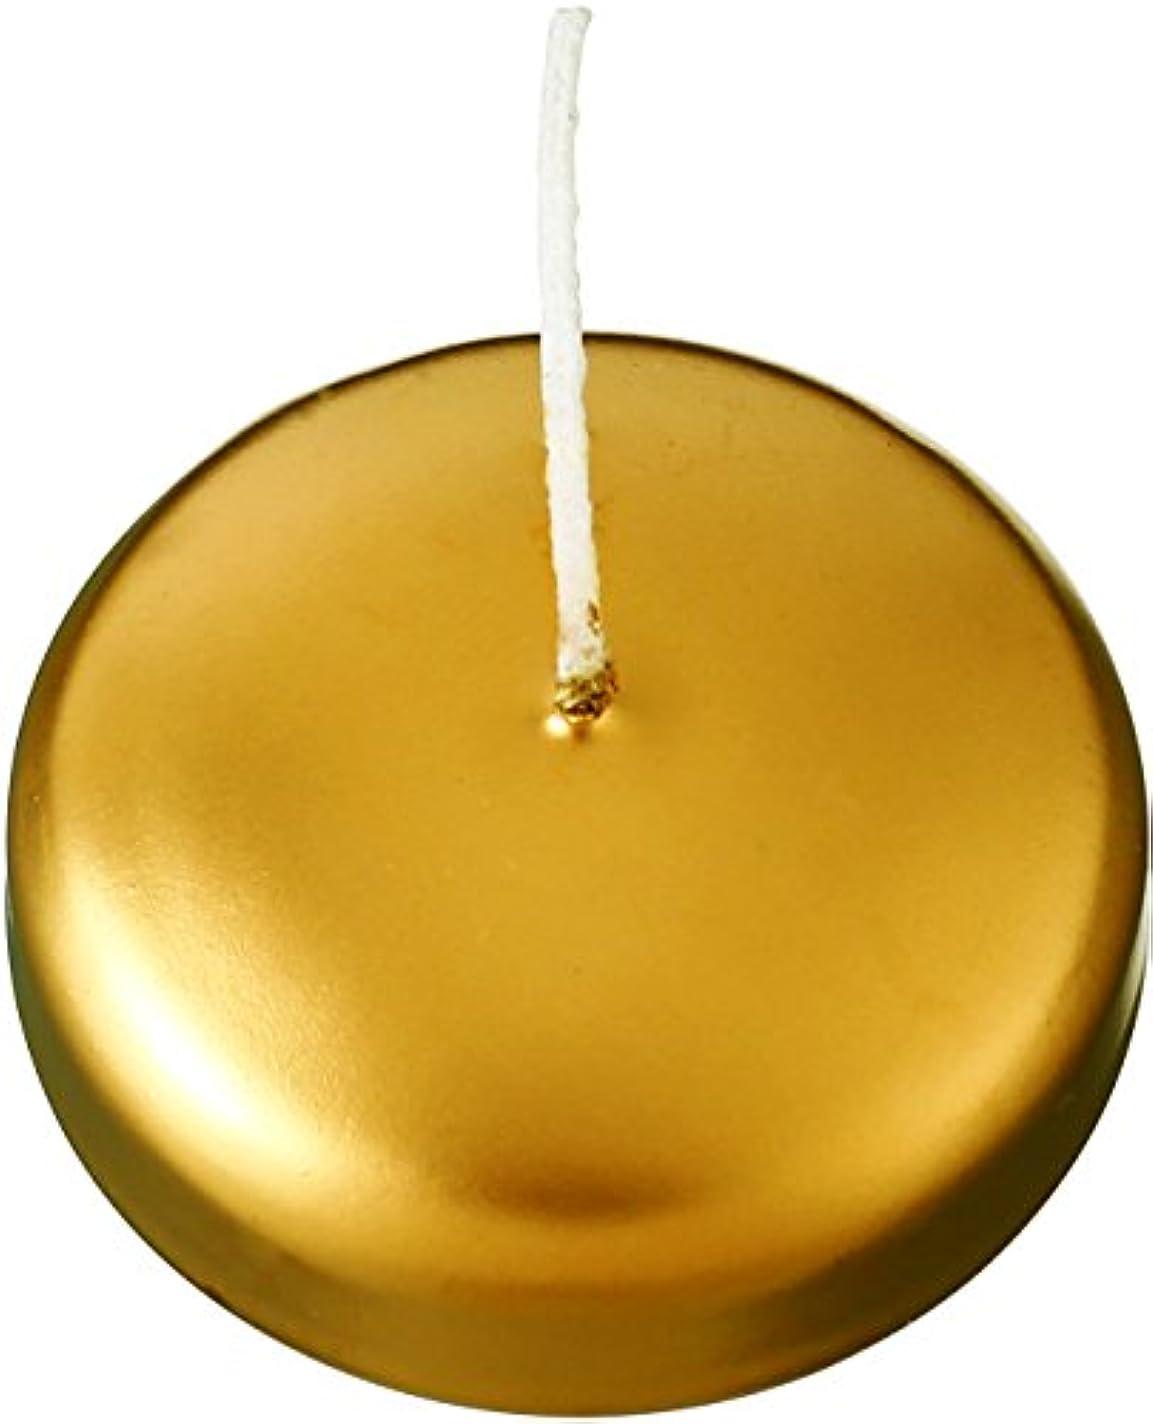 せがむ物理的に汚すカメヤマキャンドルハウス フローティングキャンドル50 ゴールド 12個セット